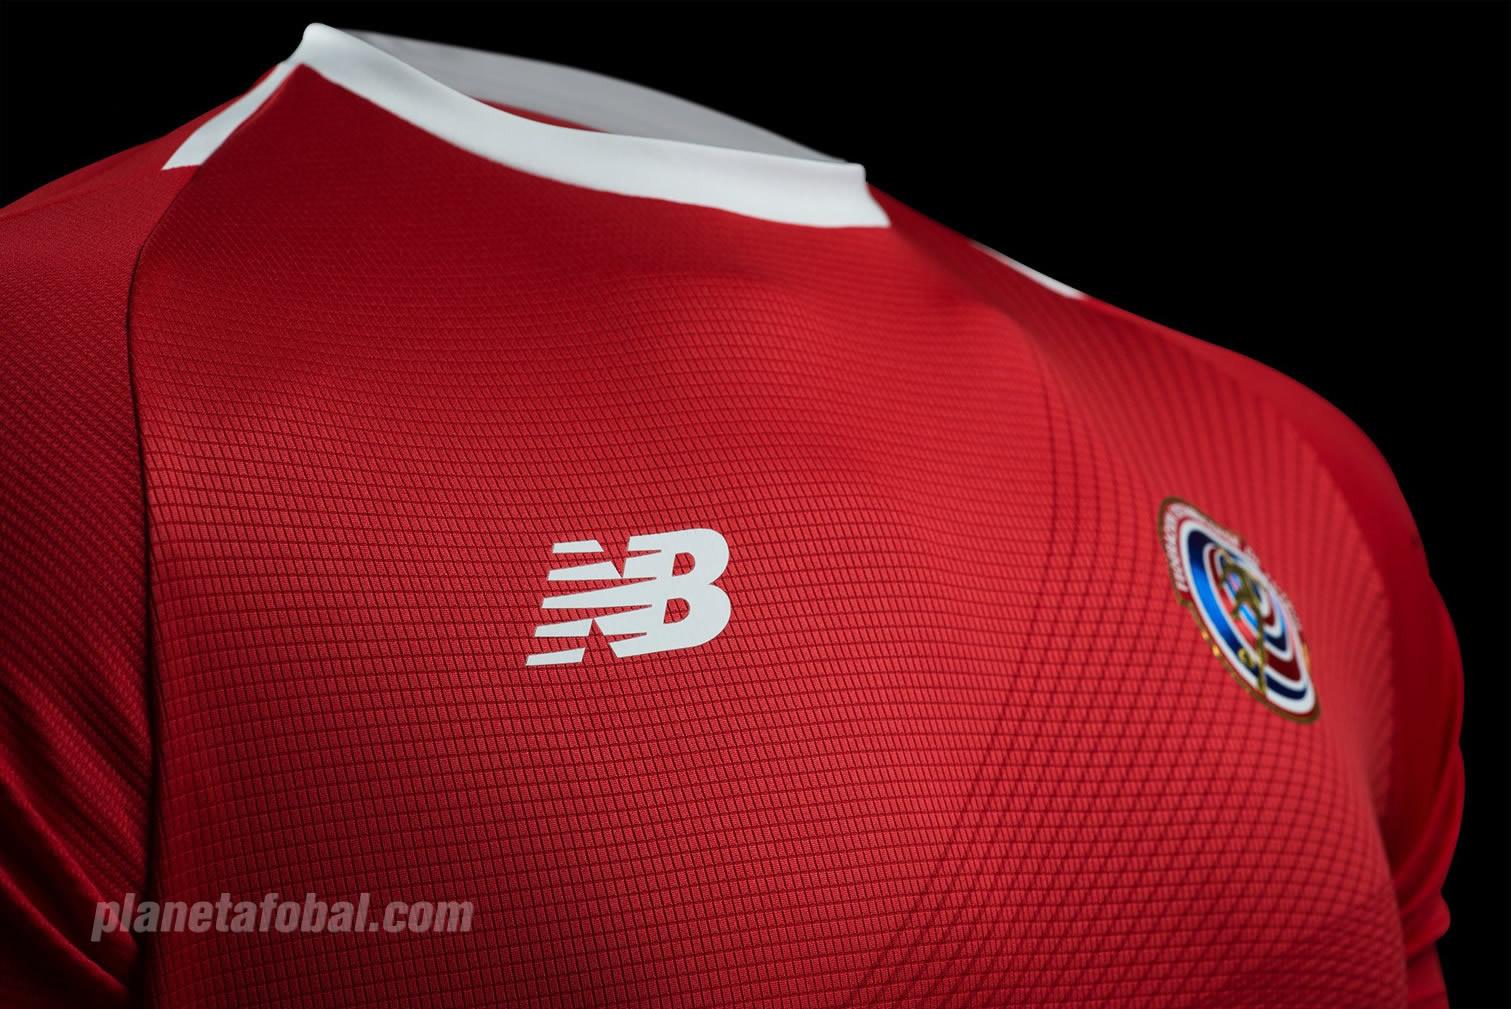 Nueva camiseta de Costa Rica Mundial 2018 | Imagen Fedefutbol